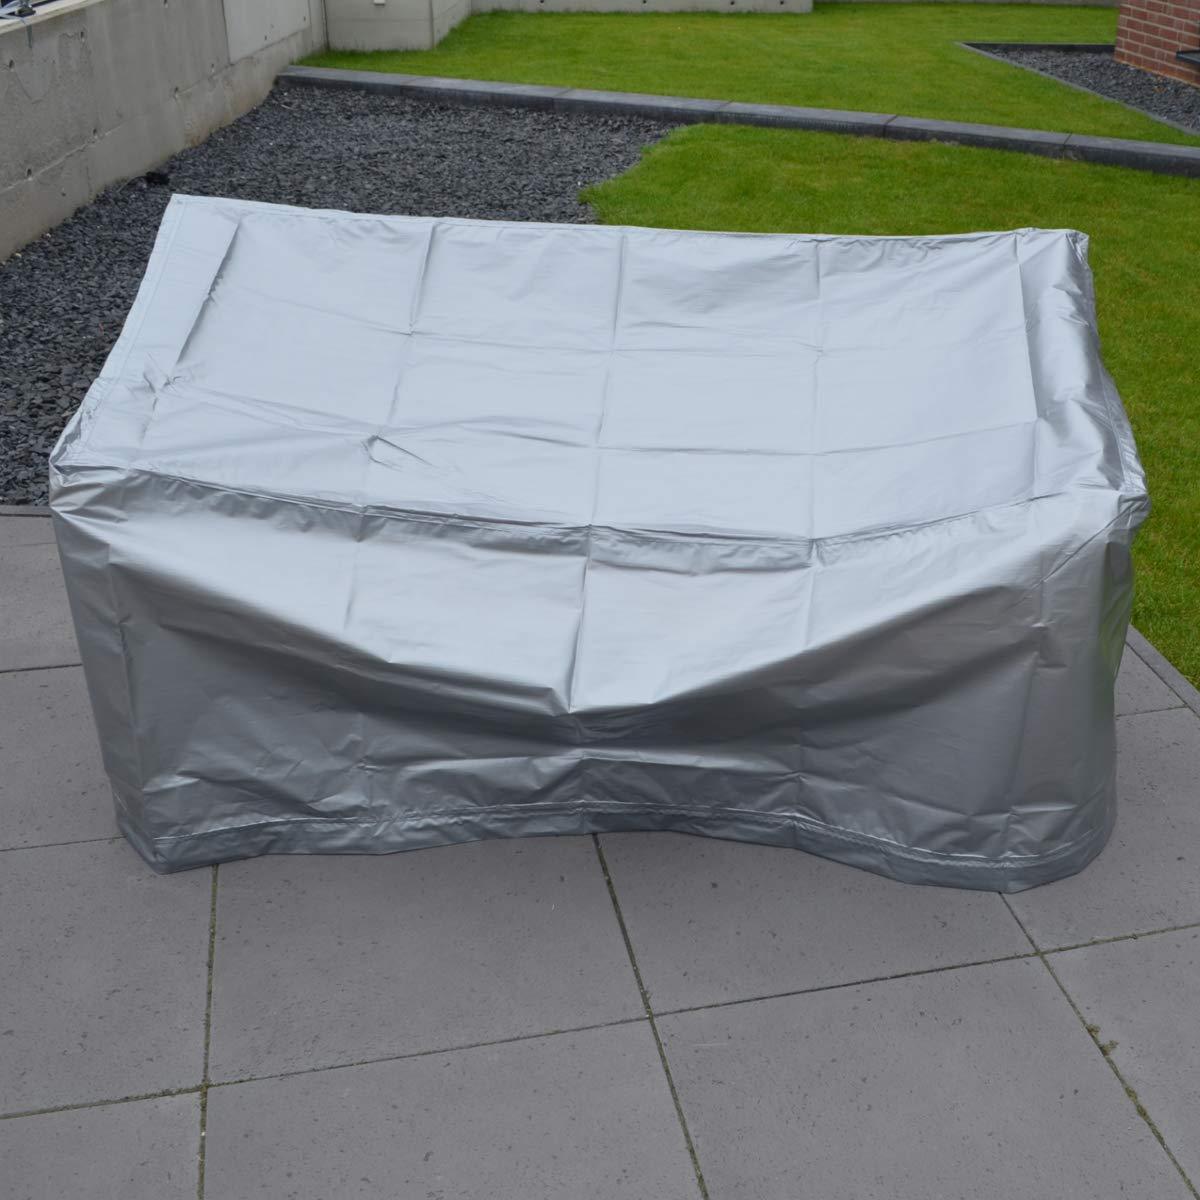 Schutzhülle für Gartenmöbel Stappelstühle Sitzbank Abdeckplane Hülle Regenschutz